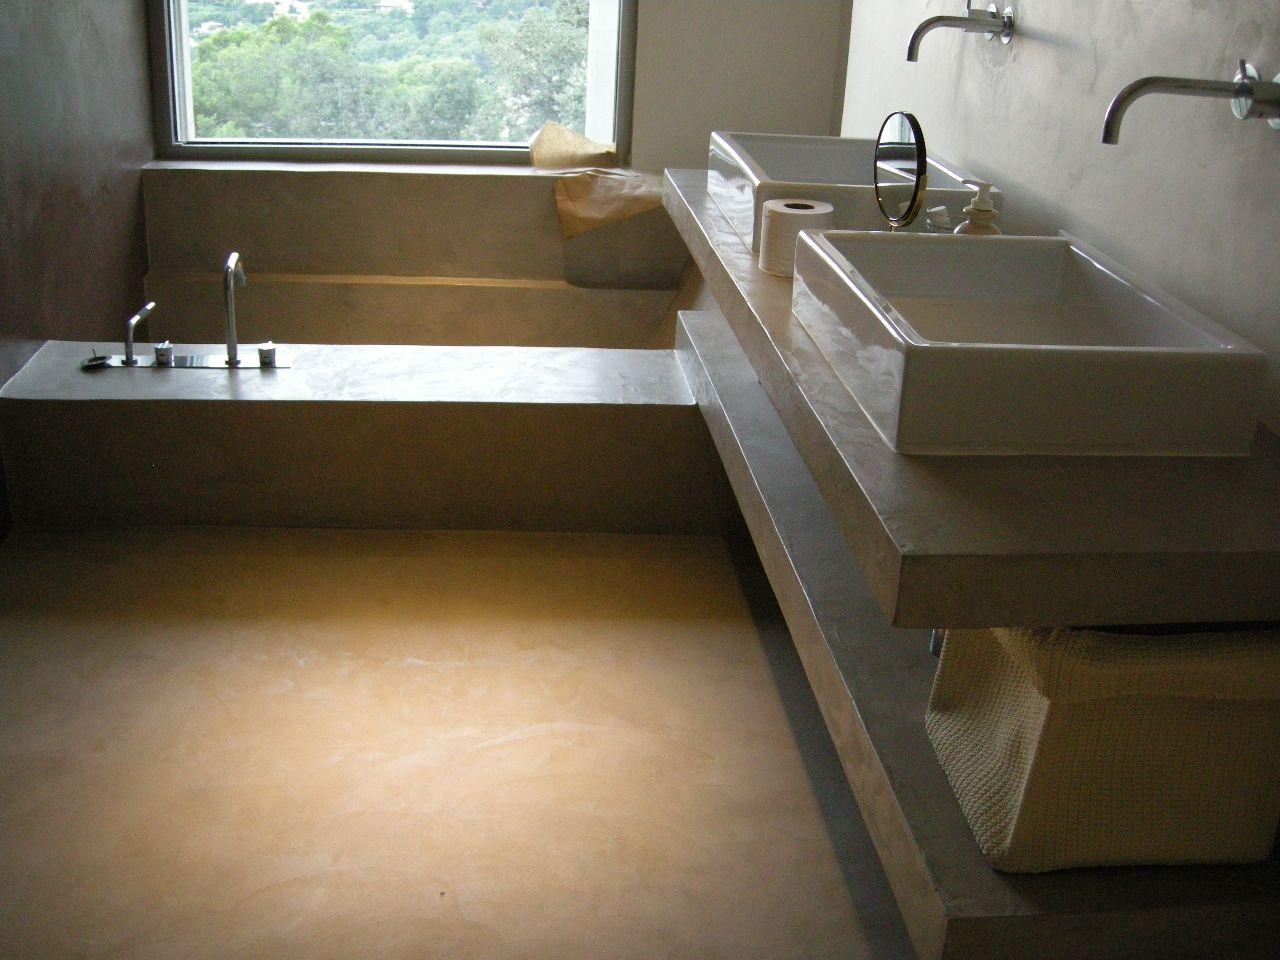 Ba o de cemento pulido habitaciones ba os en 2019 - Suelo de microcemento pulido ...